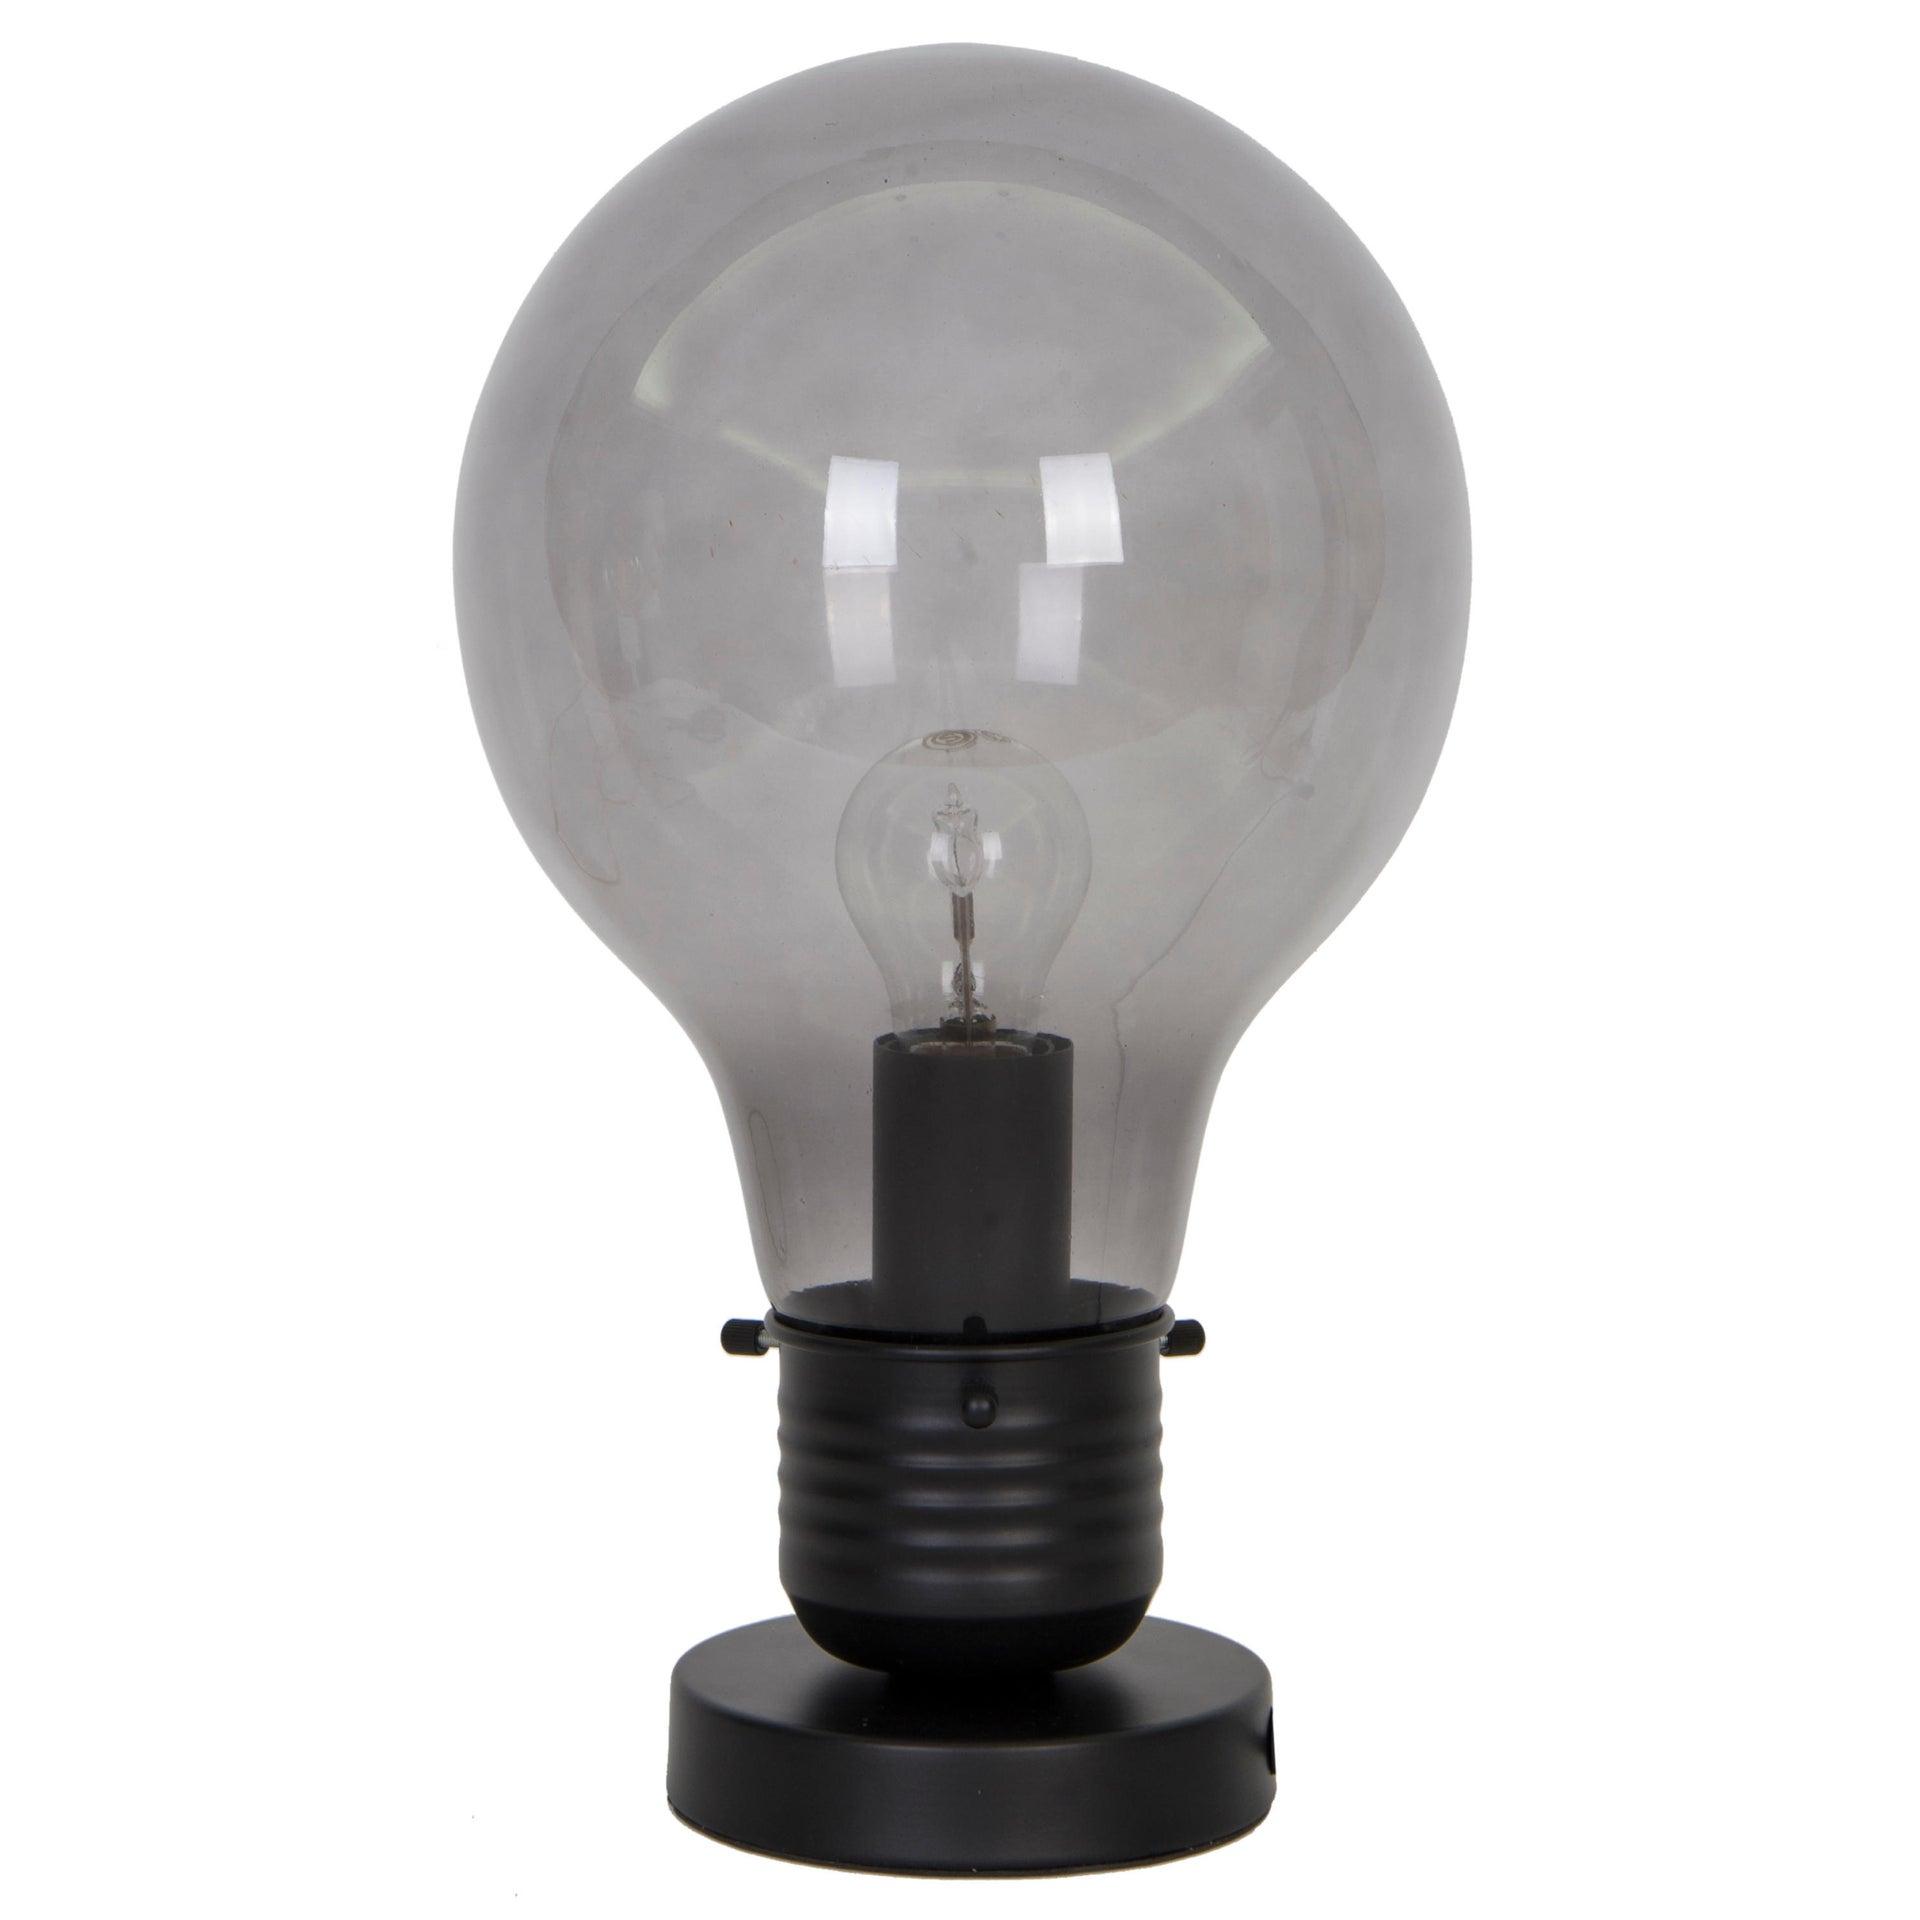 Lampada da tavolo Moderno Bombilla nero , in vetro, INSPIRE - 3